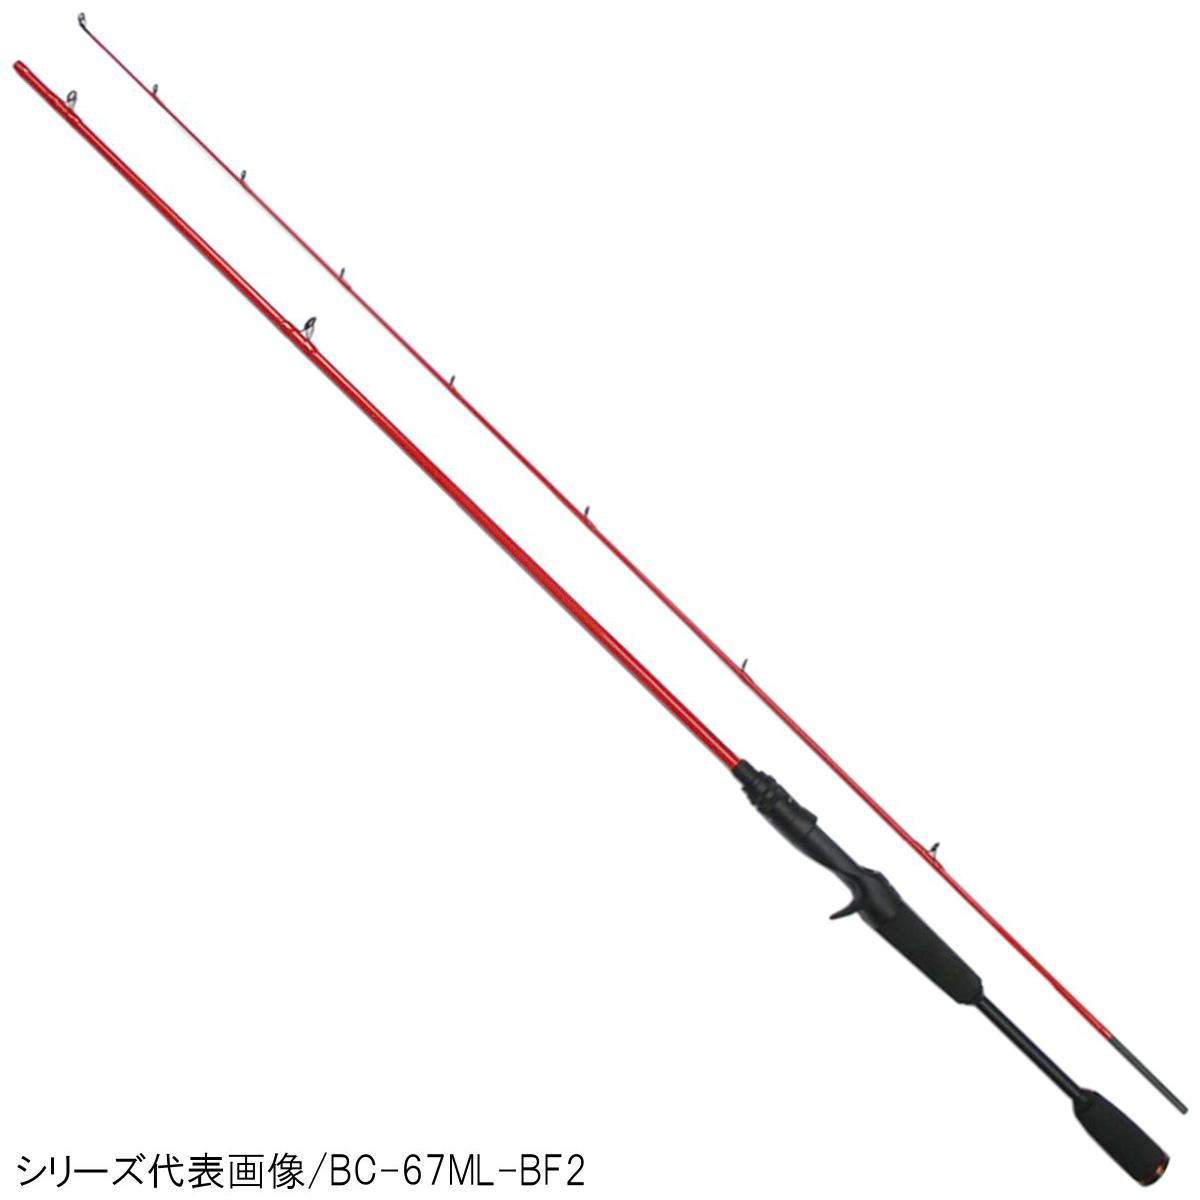 ジャッカル BPM 2ピースモデル BC-72MH-2【送料無料】